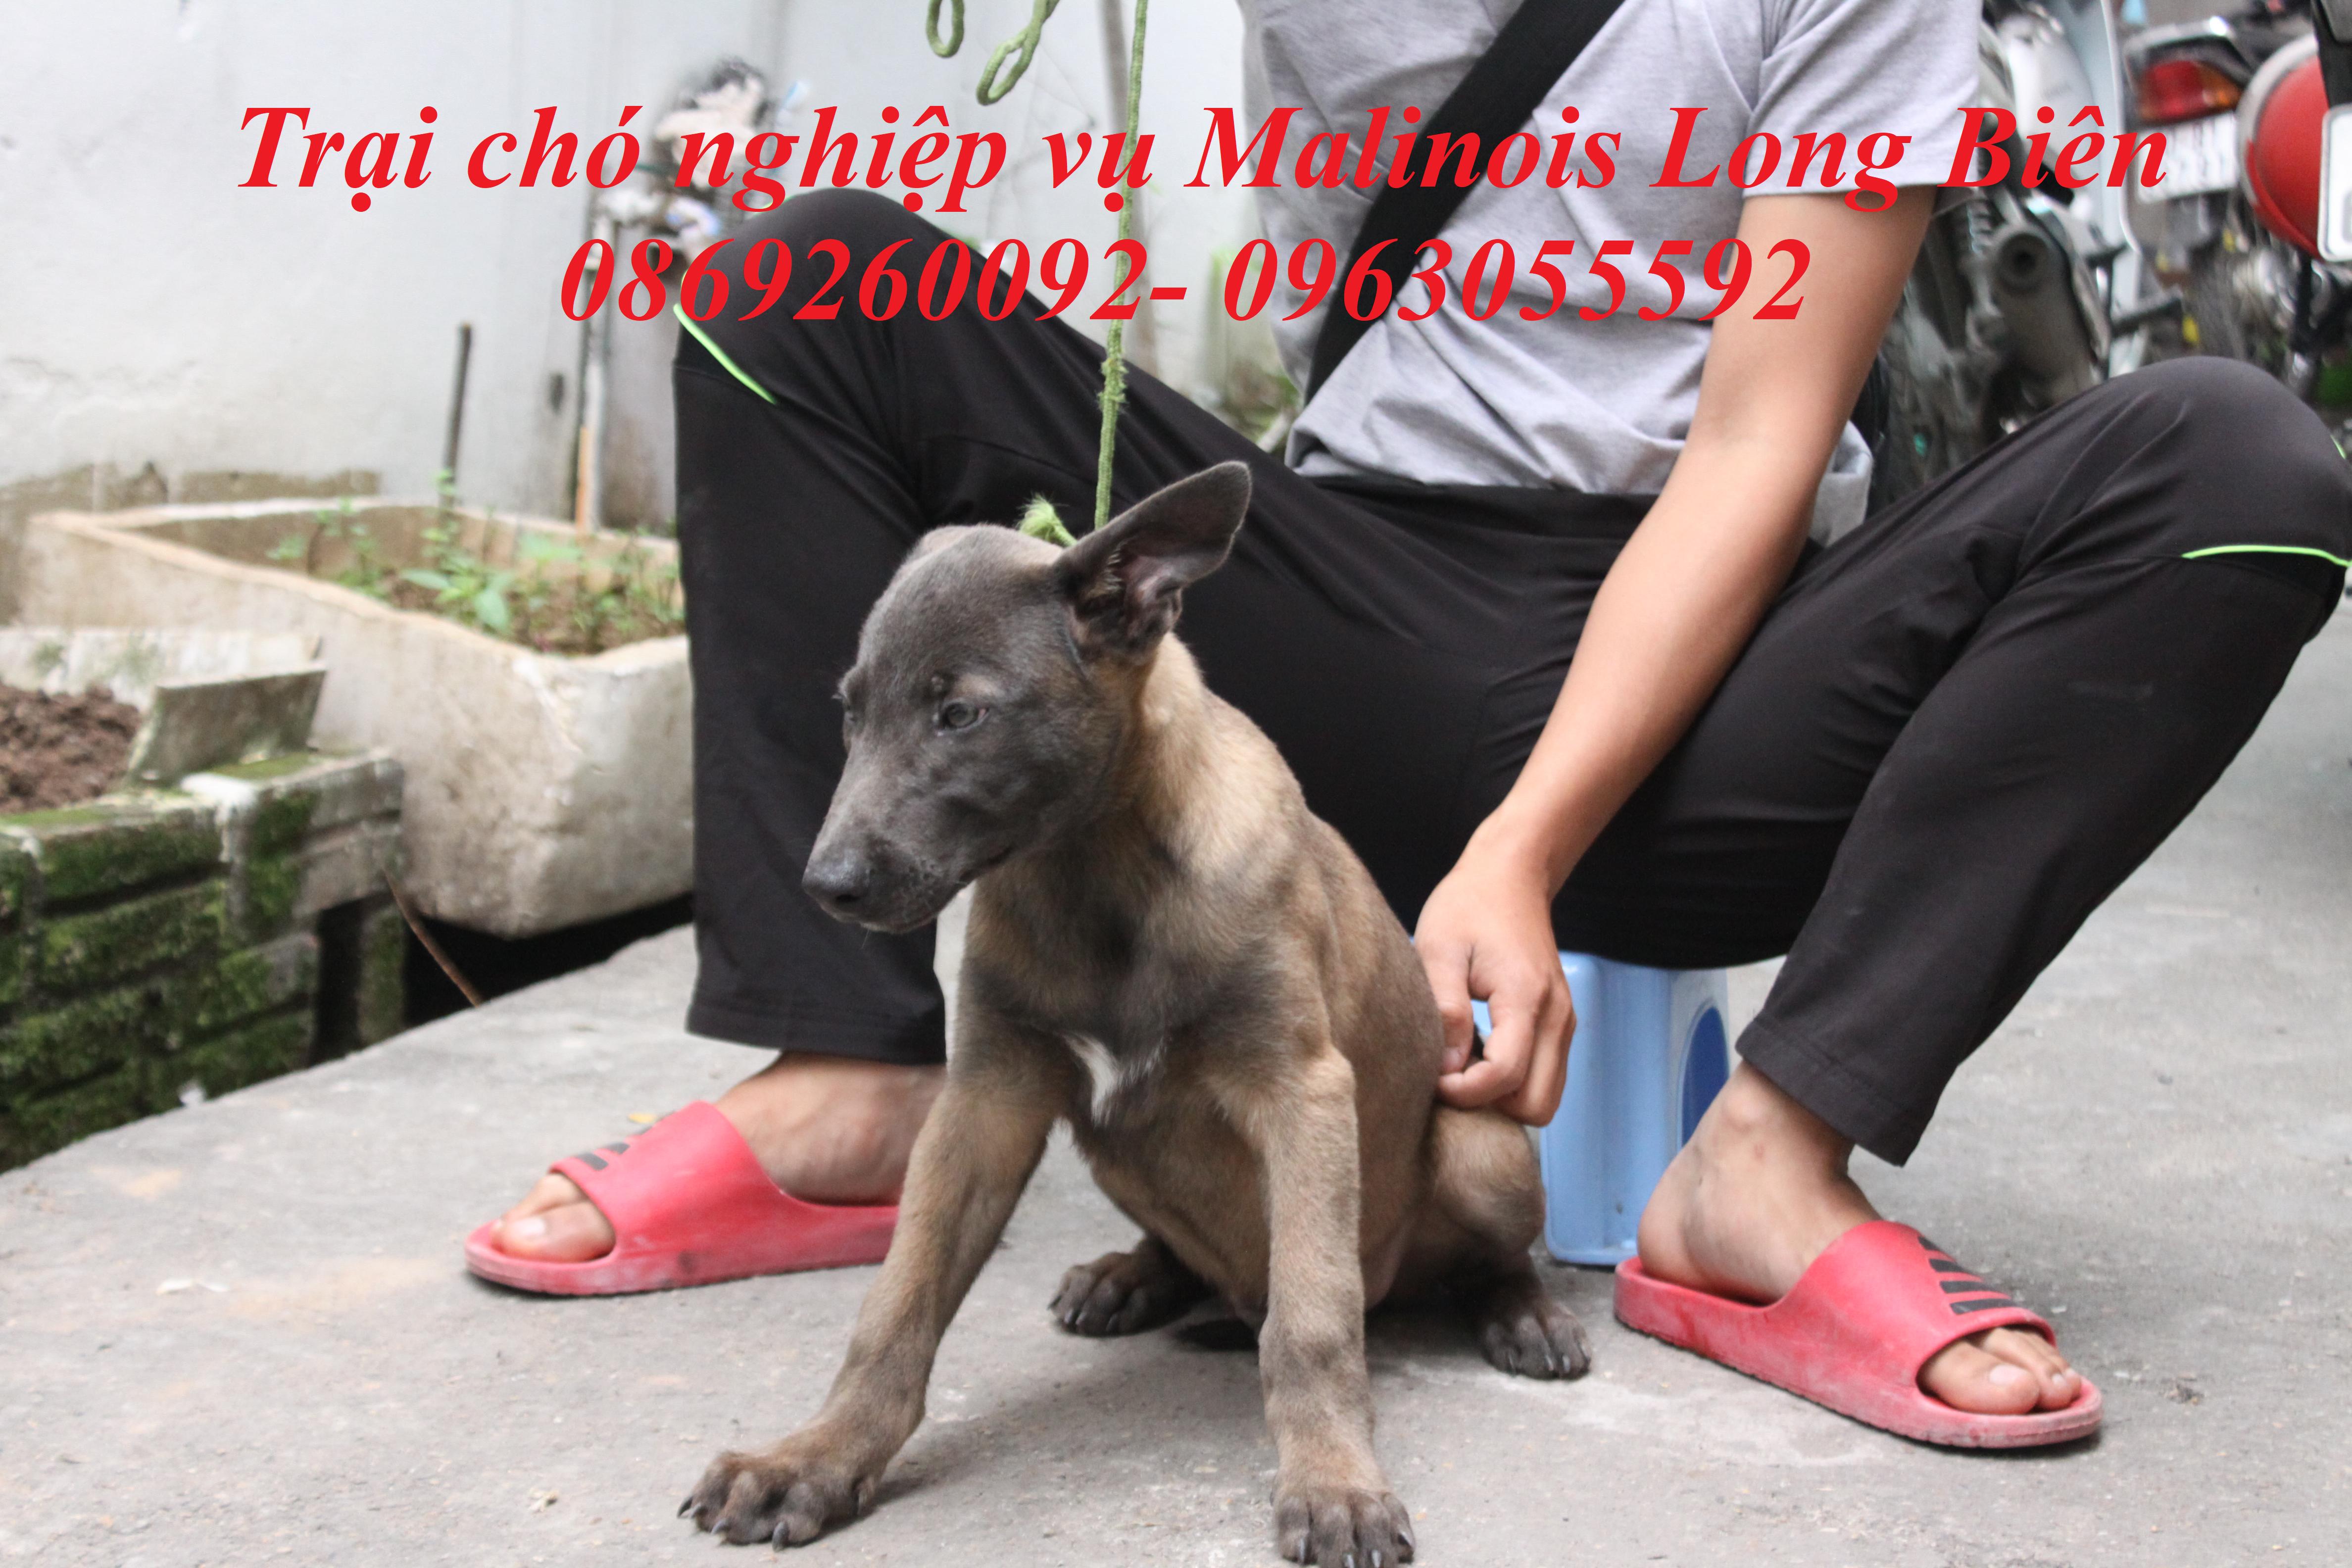 Mua chó Malinois Becgie Bỉ tại trại chó Malinois Long Biên Hà nội